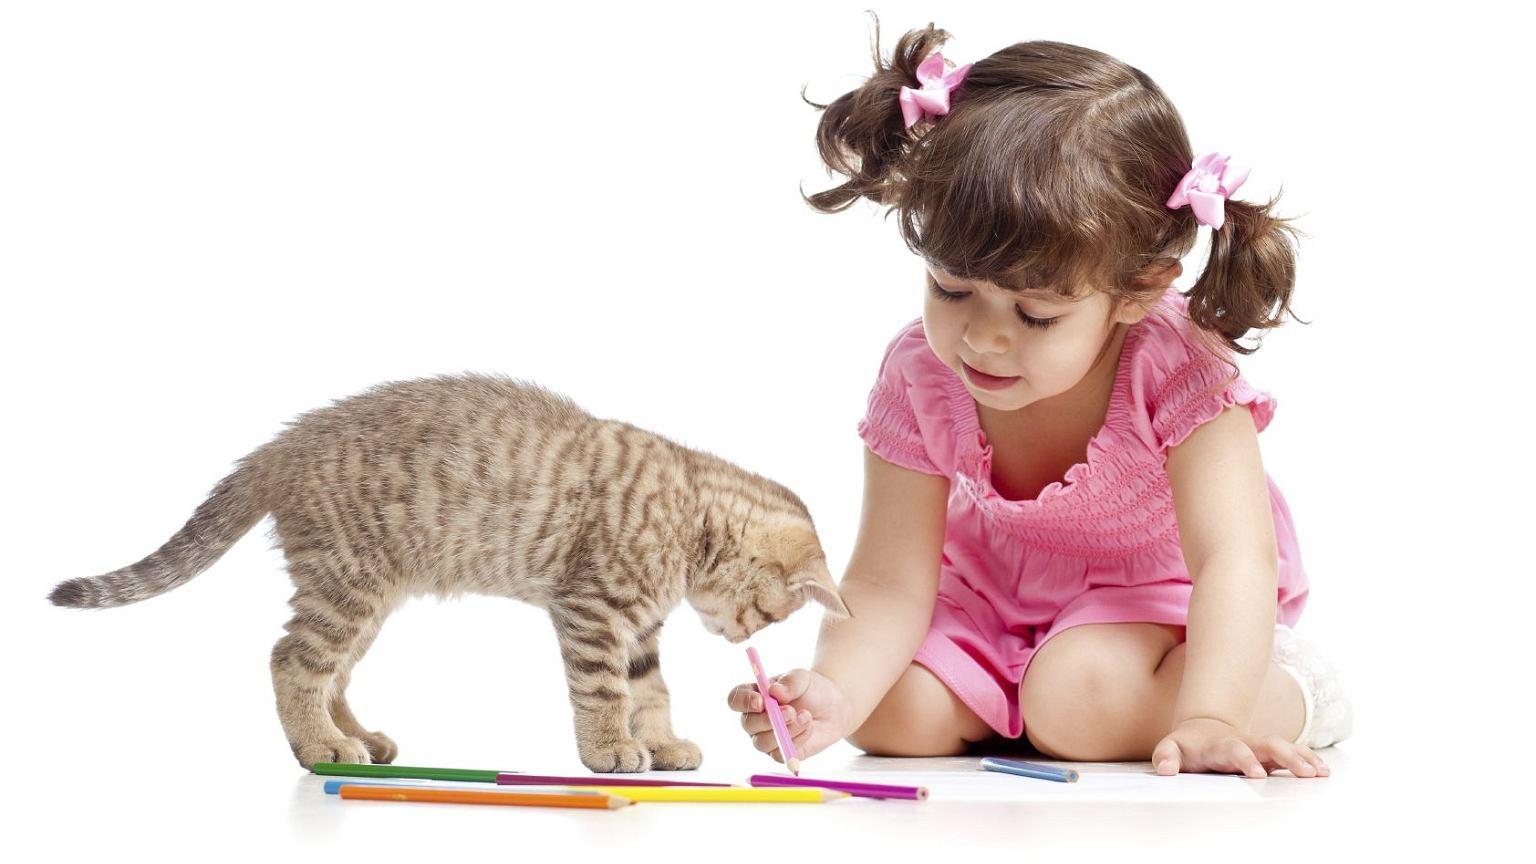 Dziecko I Kot Niemowle Dziecko Przedszkolak Edzieckopl